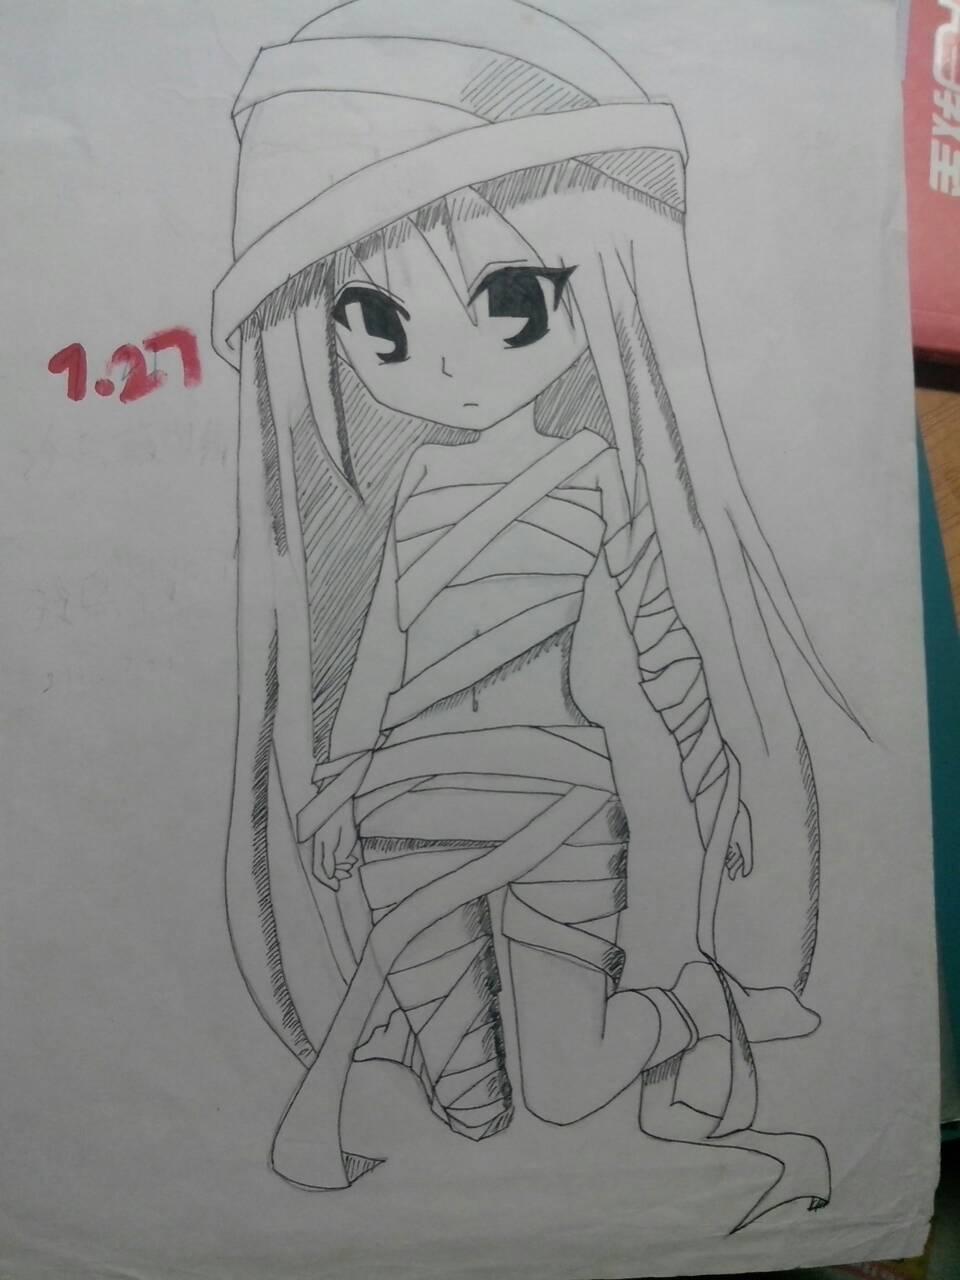 画日本动漫人物教程_我想学动漫人物,就是日本动漫里那些动漫人物。这是我对着 ...